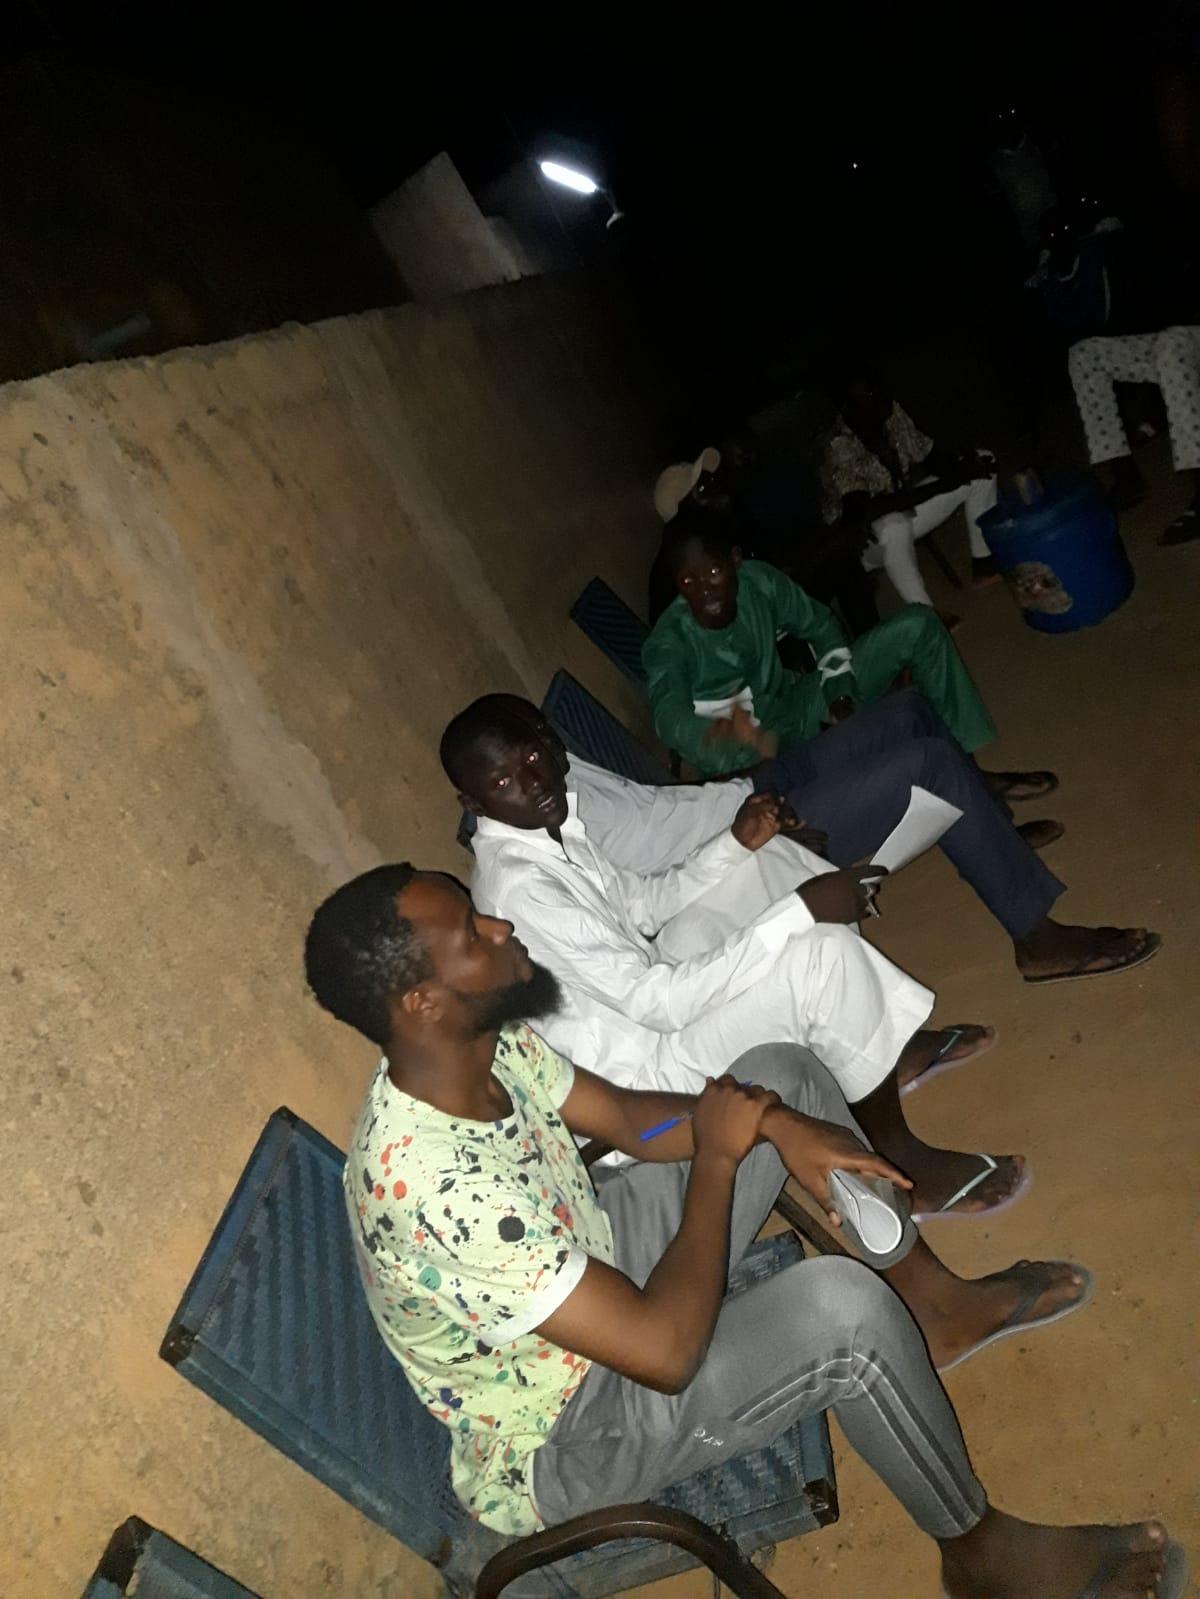 Les jeunes de Tillaberi se sont réunis autour des idéaux du Front Patriotique